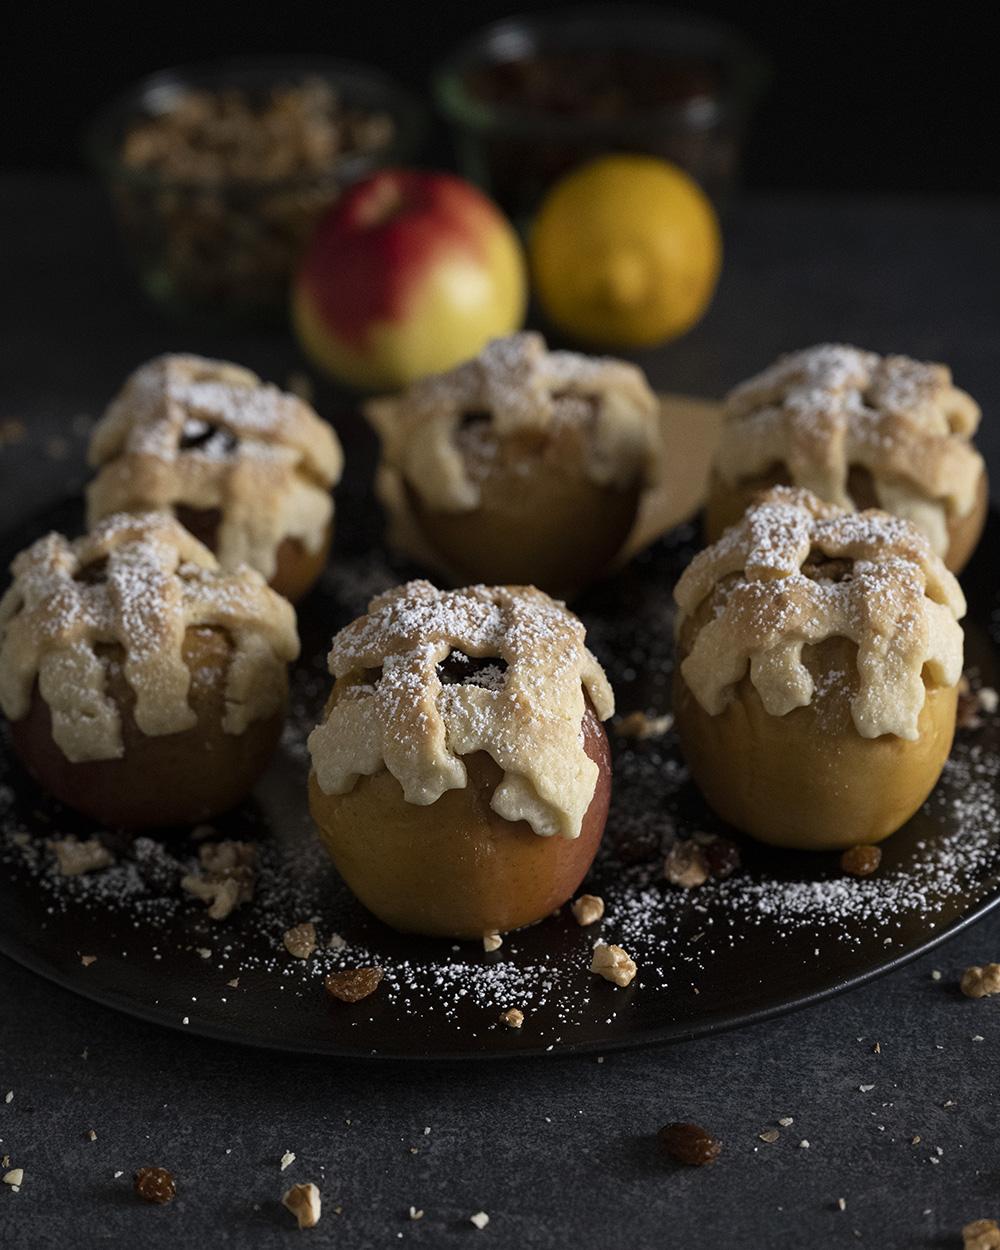 Sechs Bratäpfel sind auf einem Teller angerichtet und mit Puderzucker verziert.